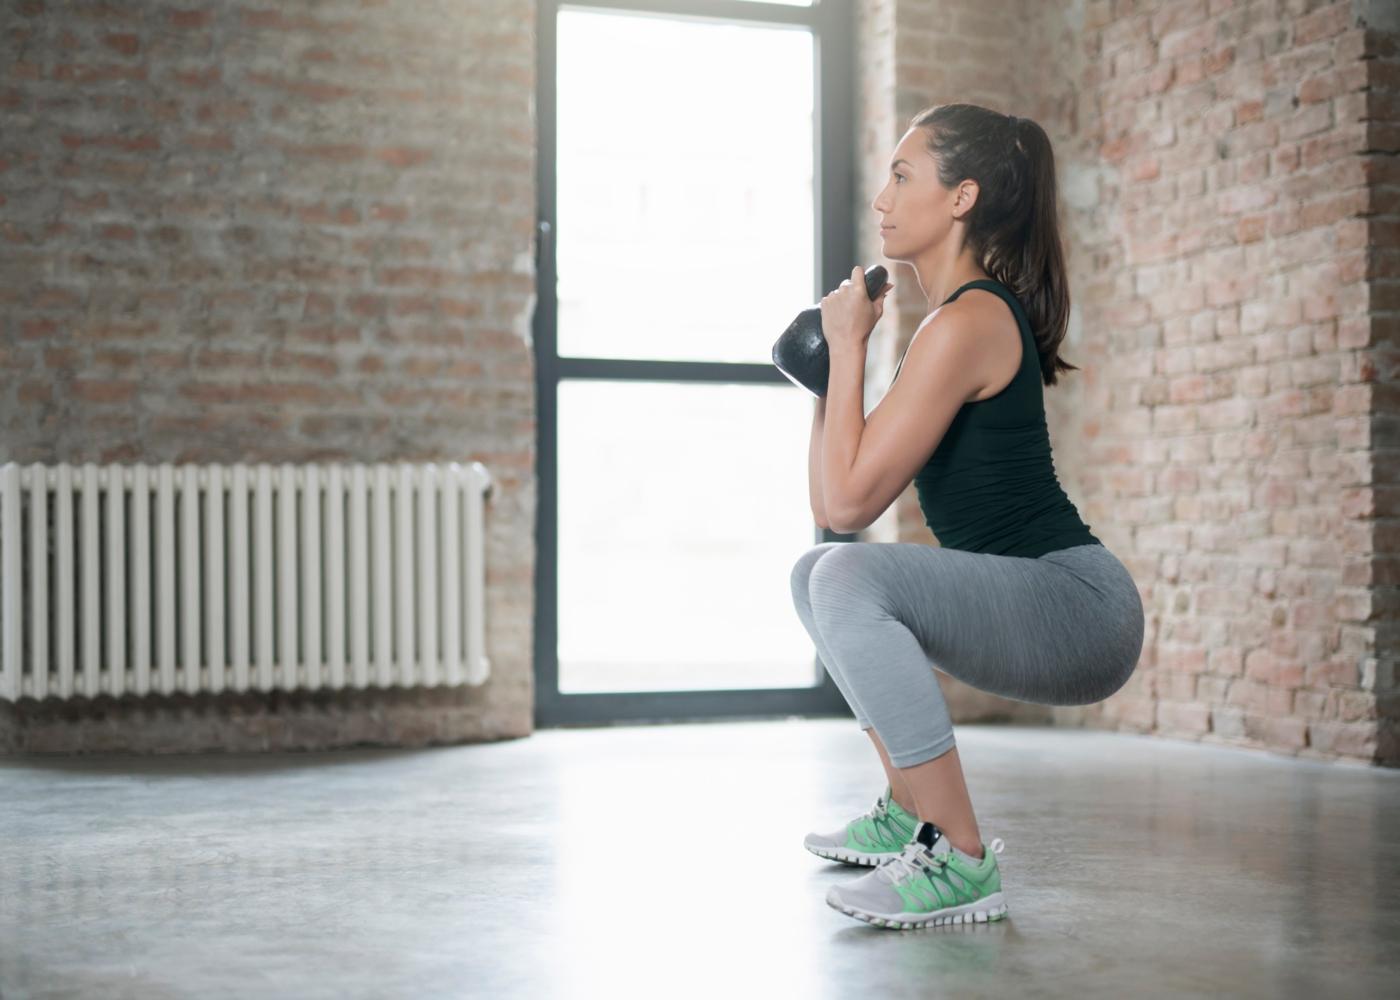 Mulher a fazer agachamento com peso